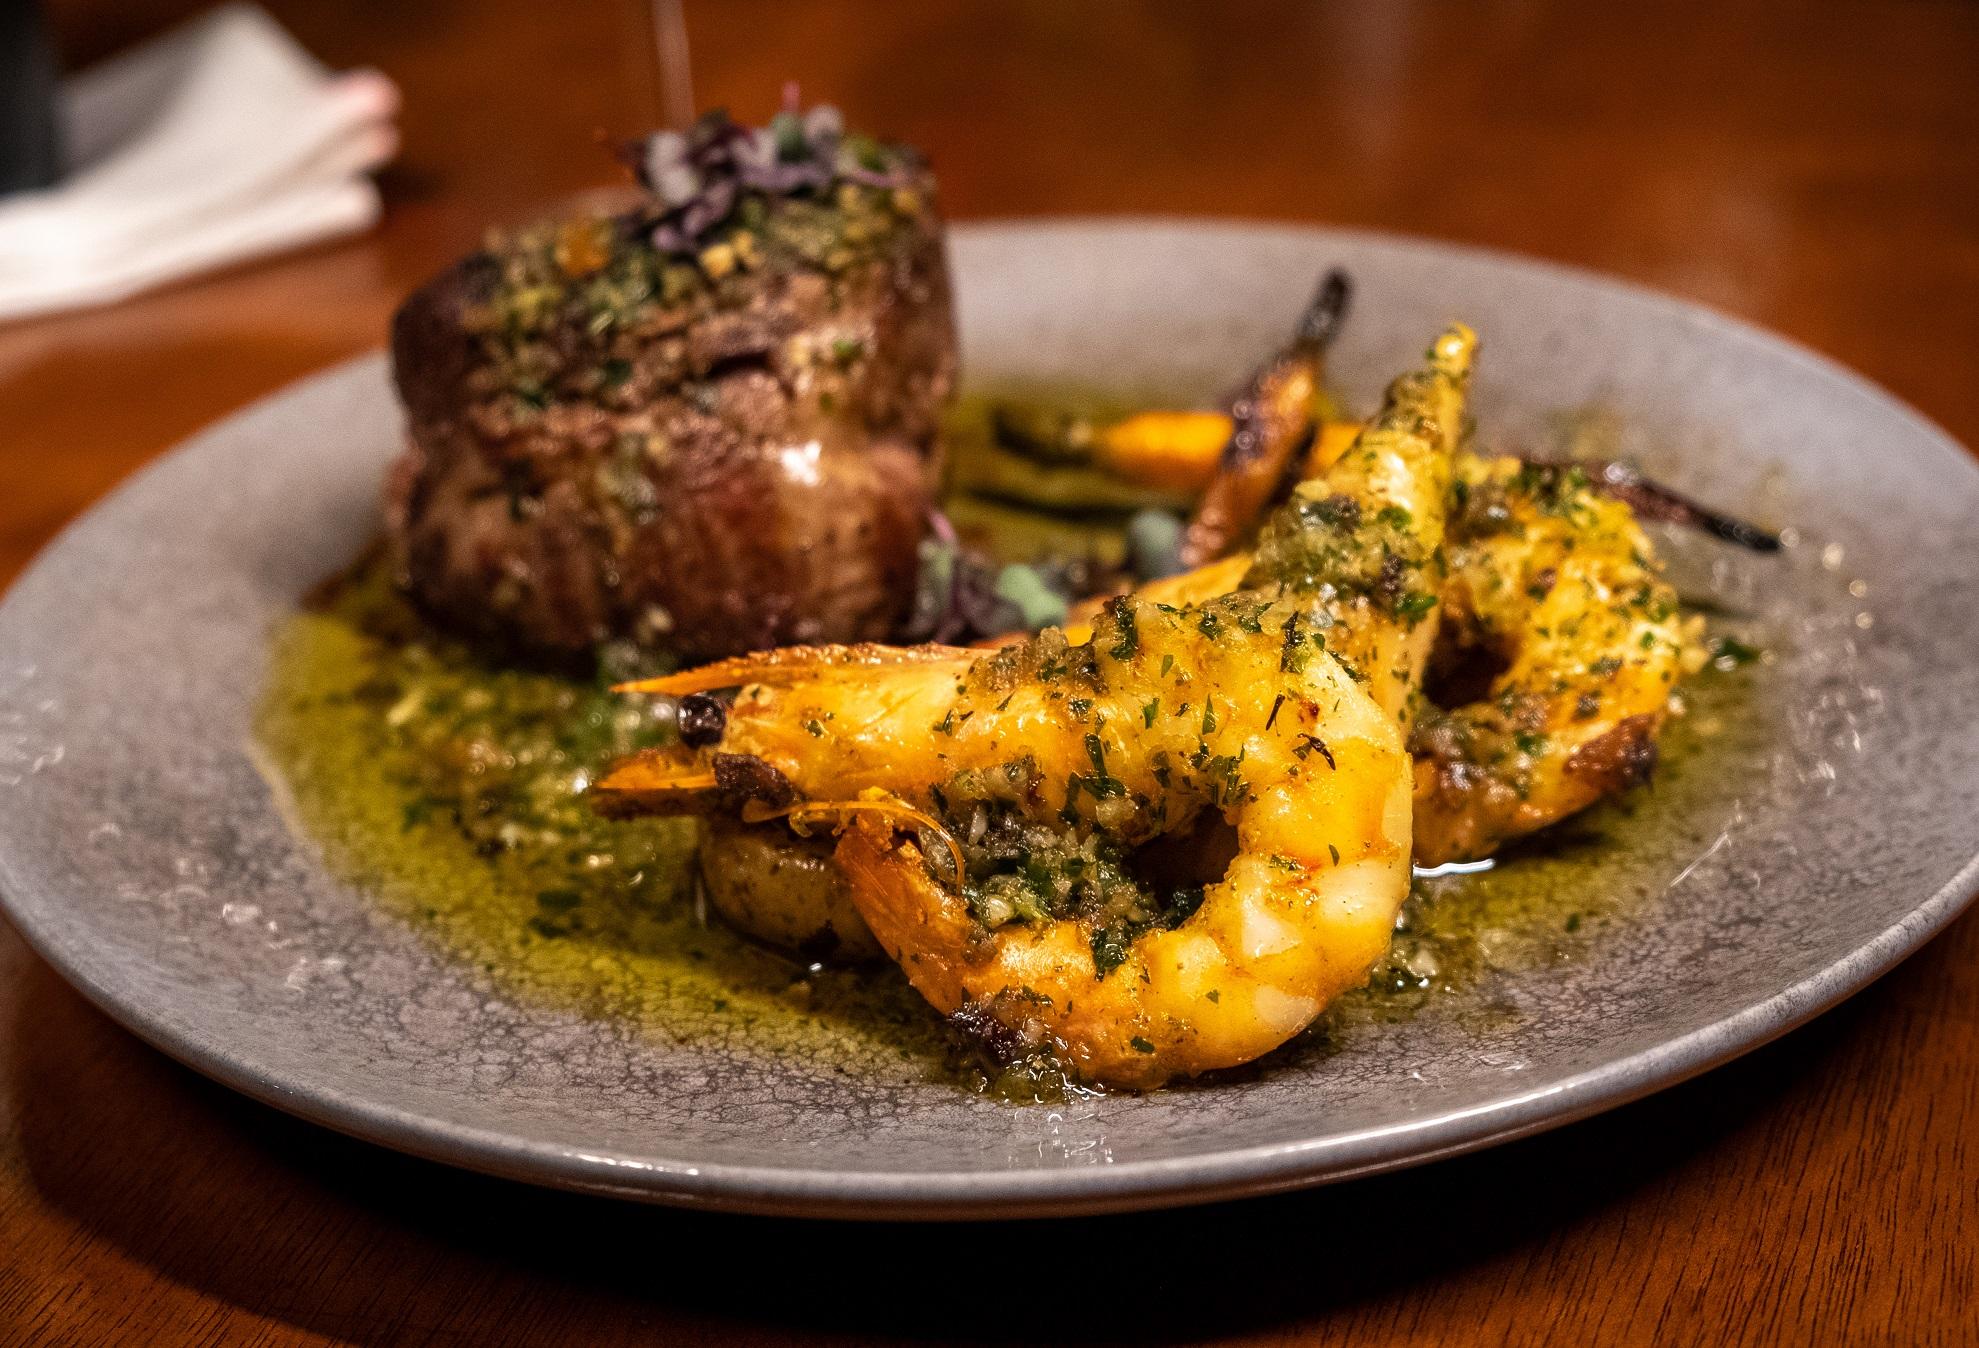 Mignon provençal Gianttura, com a carne grelhada, camarões também grelhados, lula recheada e legumes salteados. Mar e terra, ousado e criativo.